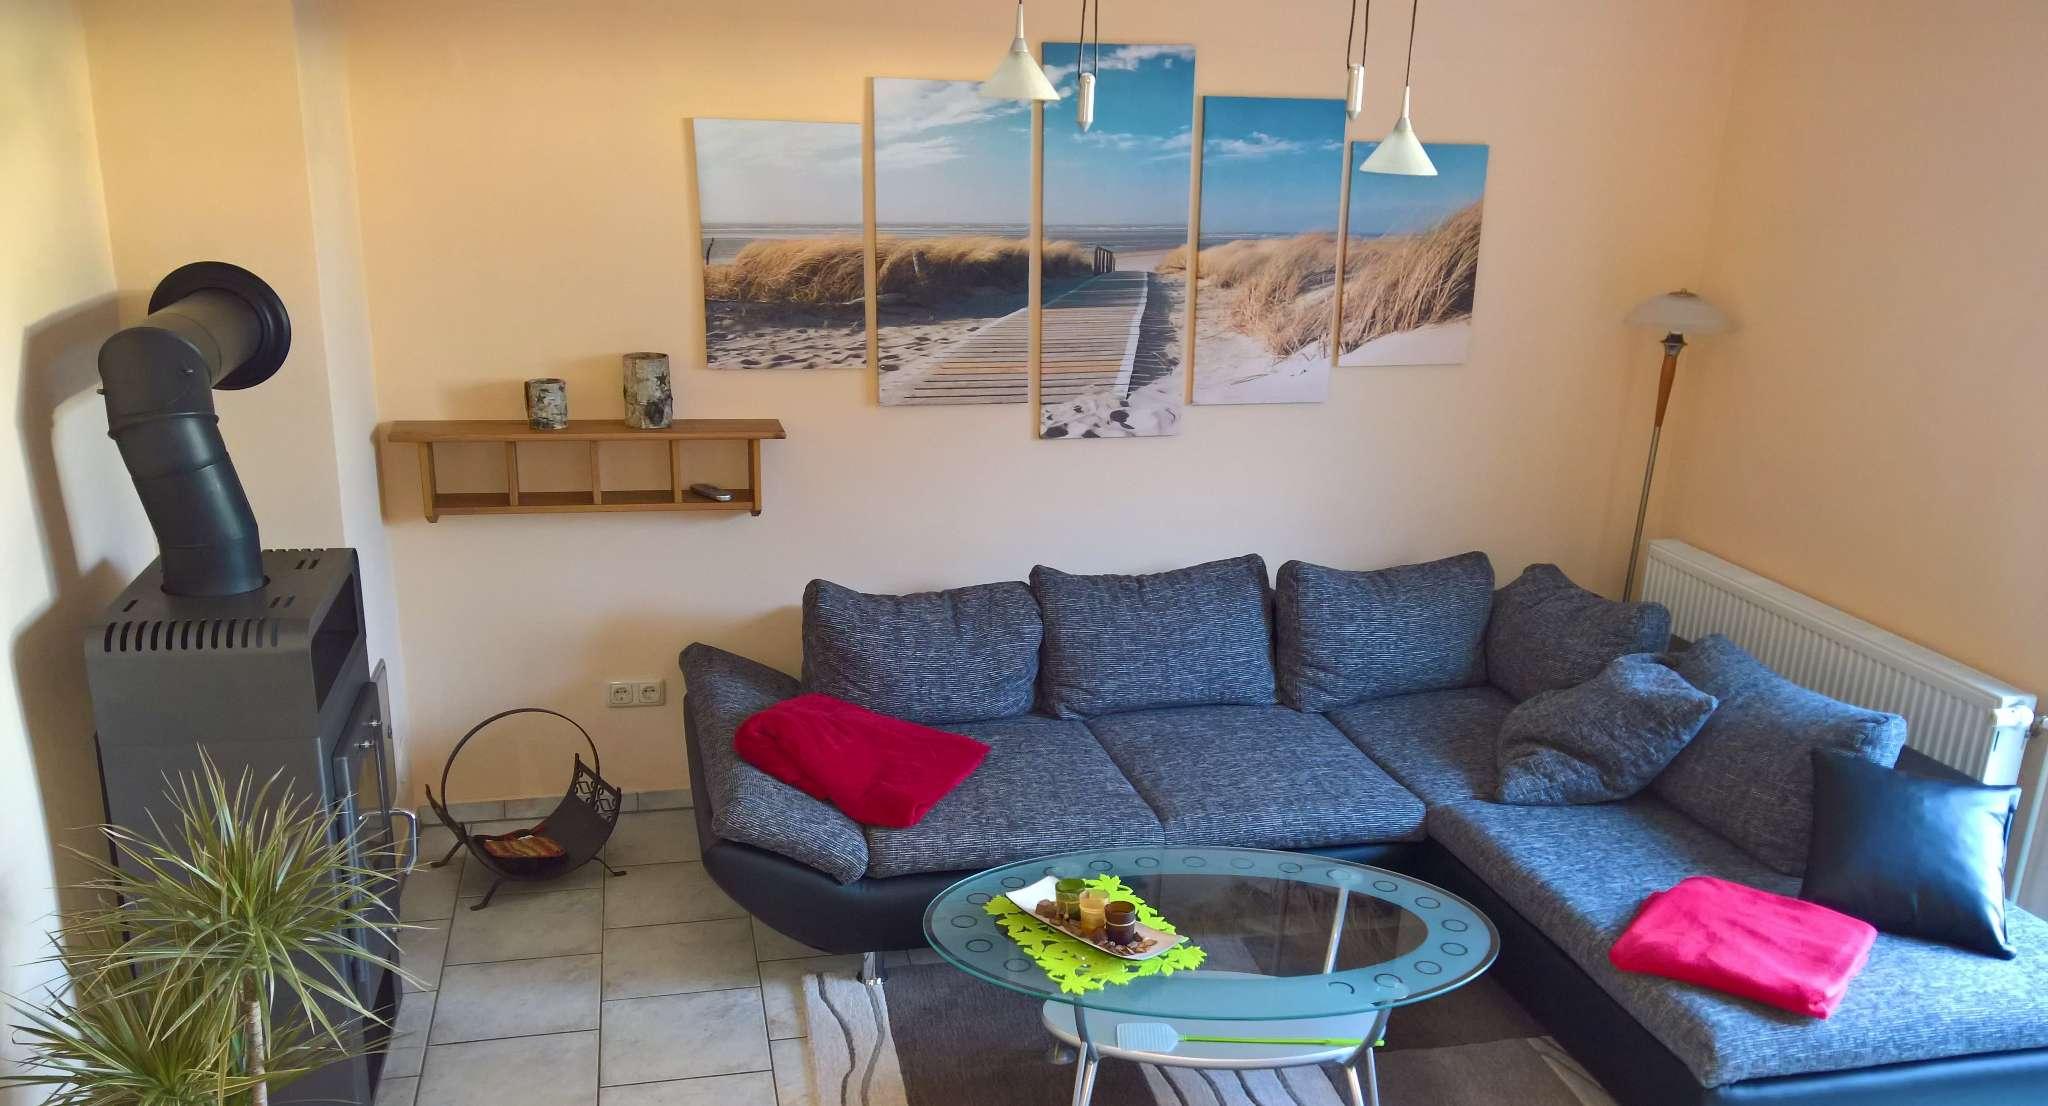 ferienwohnung zur schwedenschanze wohnung 2 bildergalerie. Black Bedroom Furniture Sets. Home Design Ideas